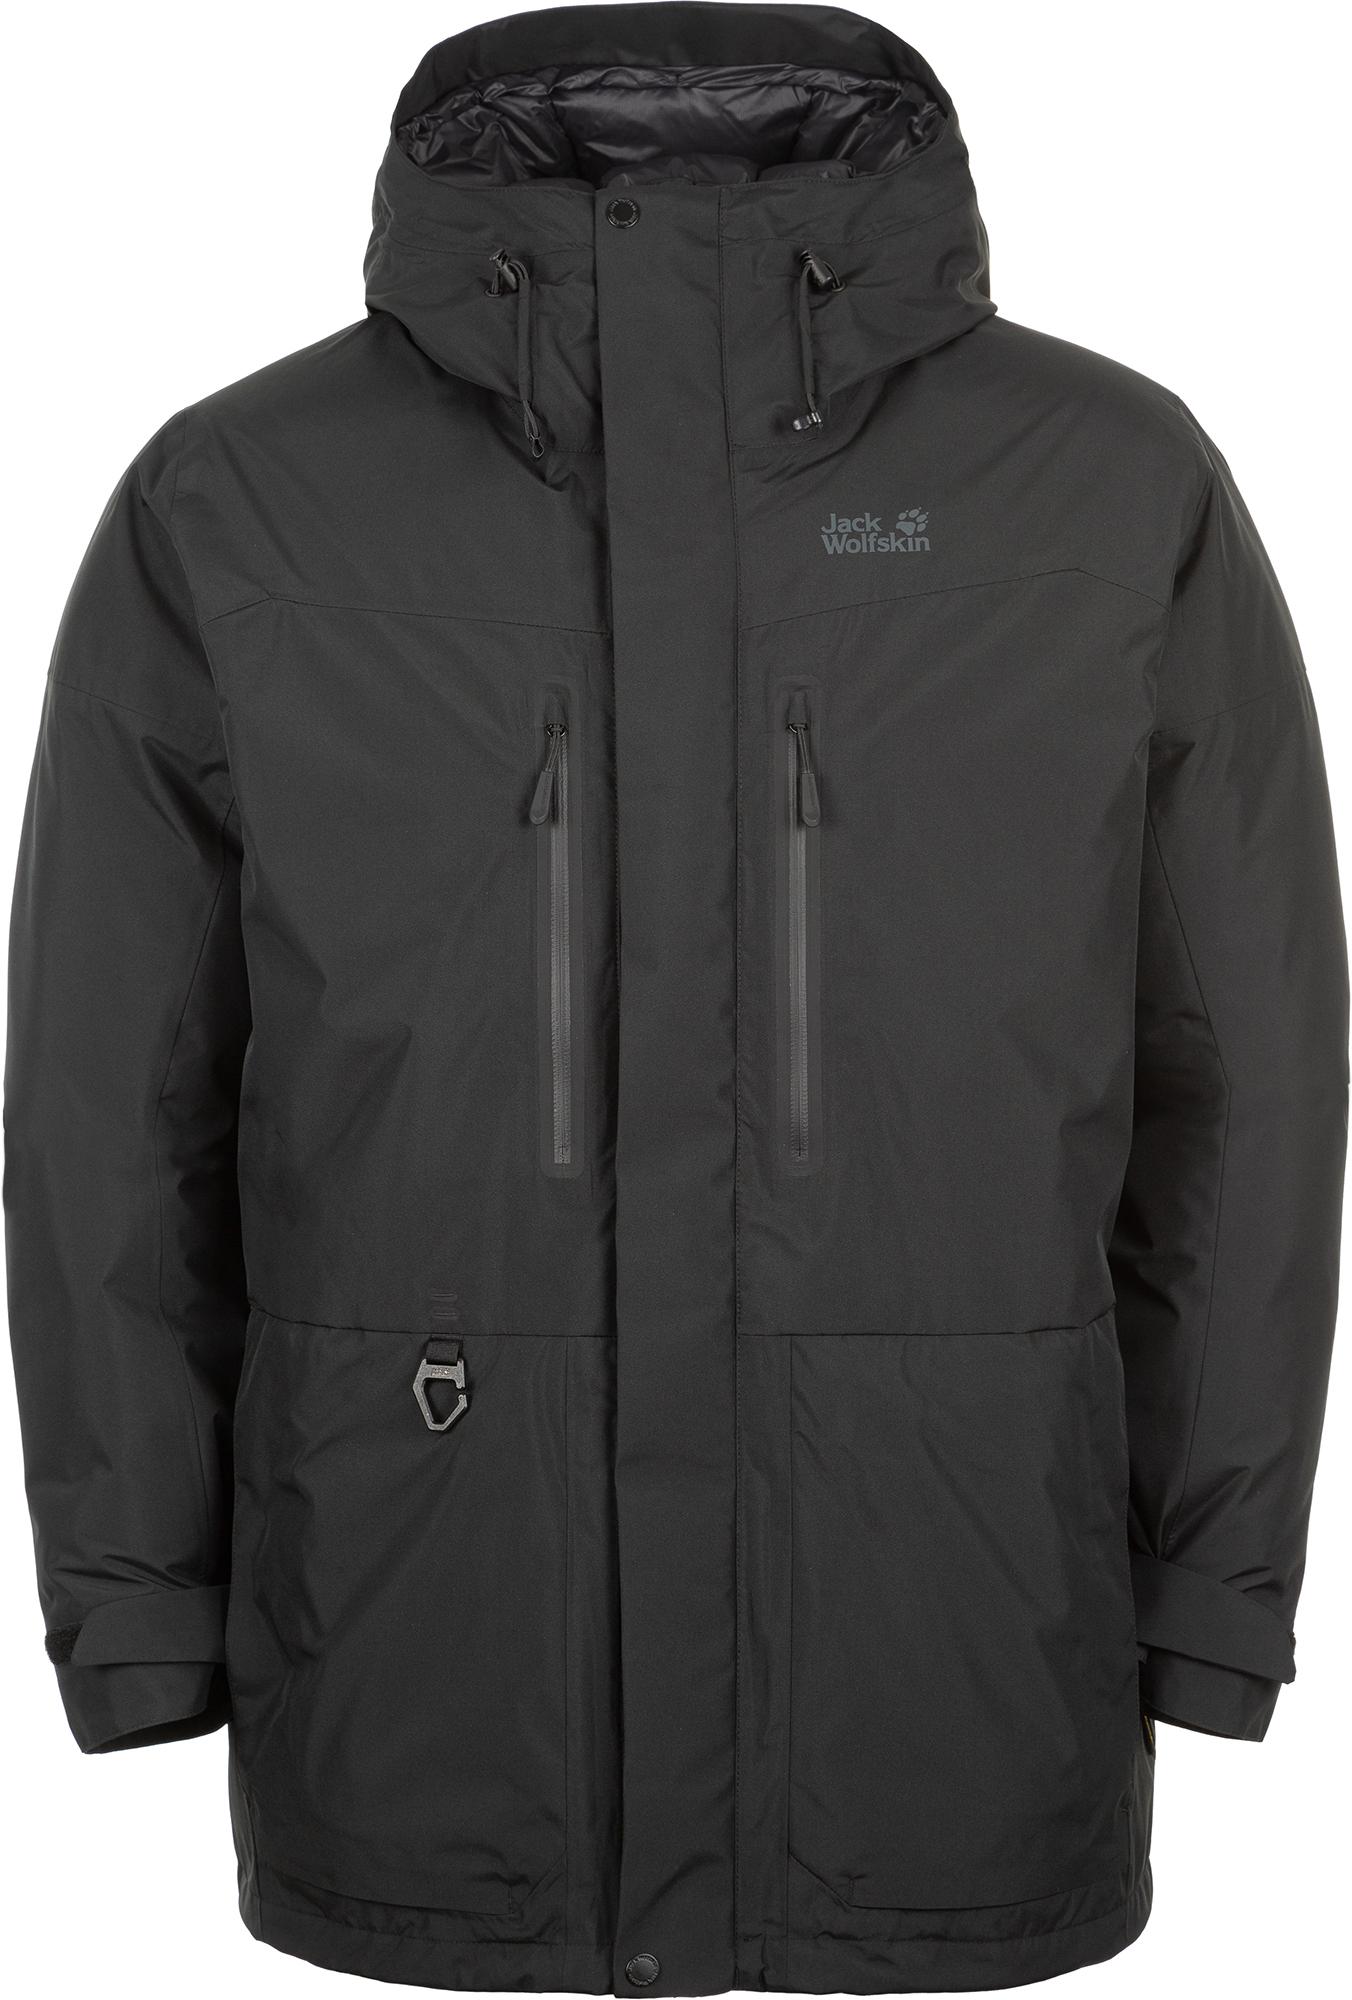 Jack Wolfskin Куртка пуховая мужская Jack Wolfskin North Ice, размер 54-56